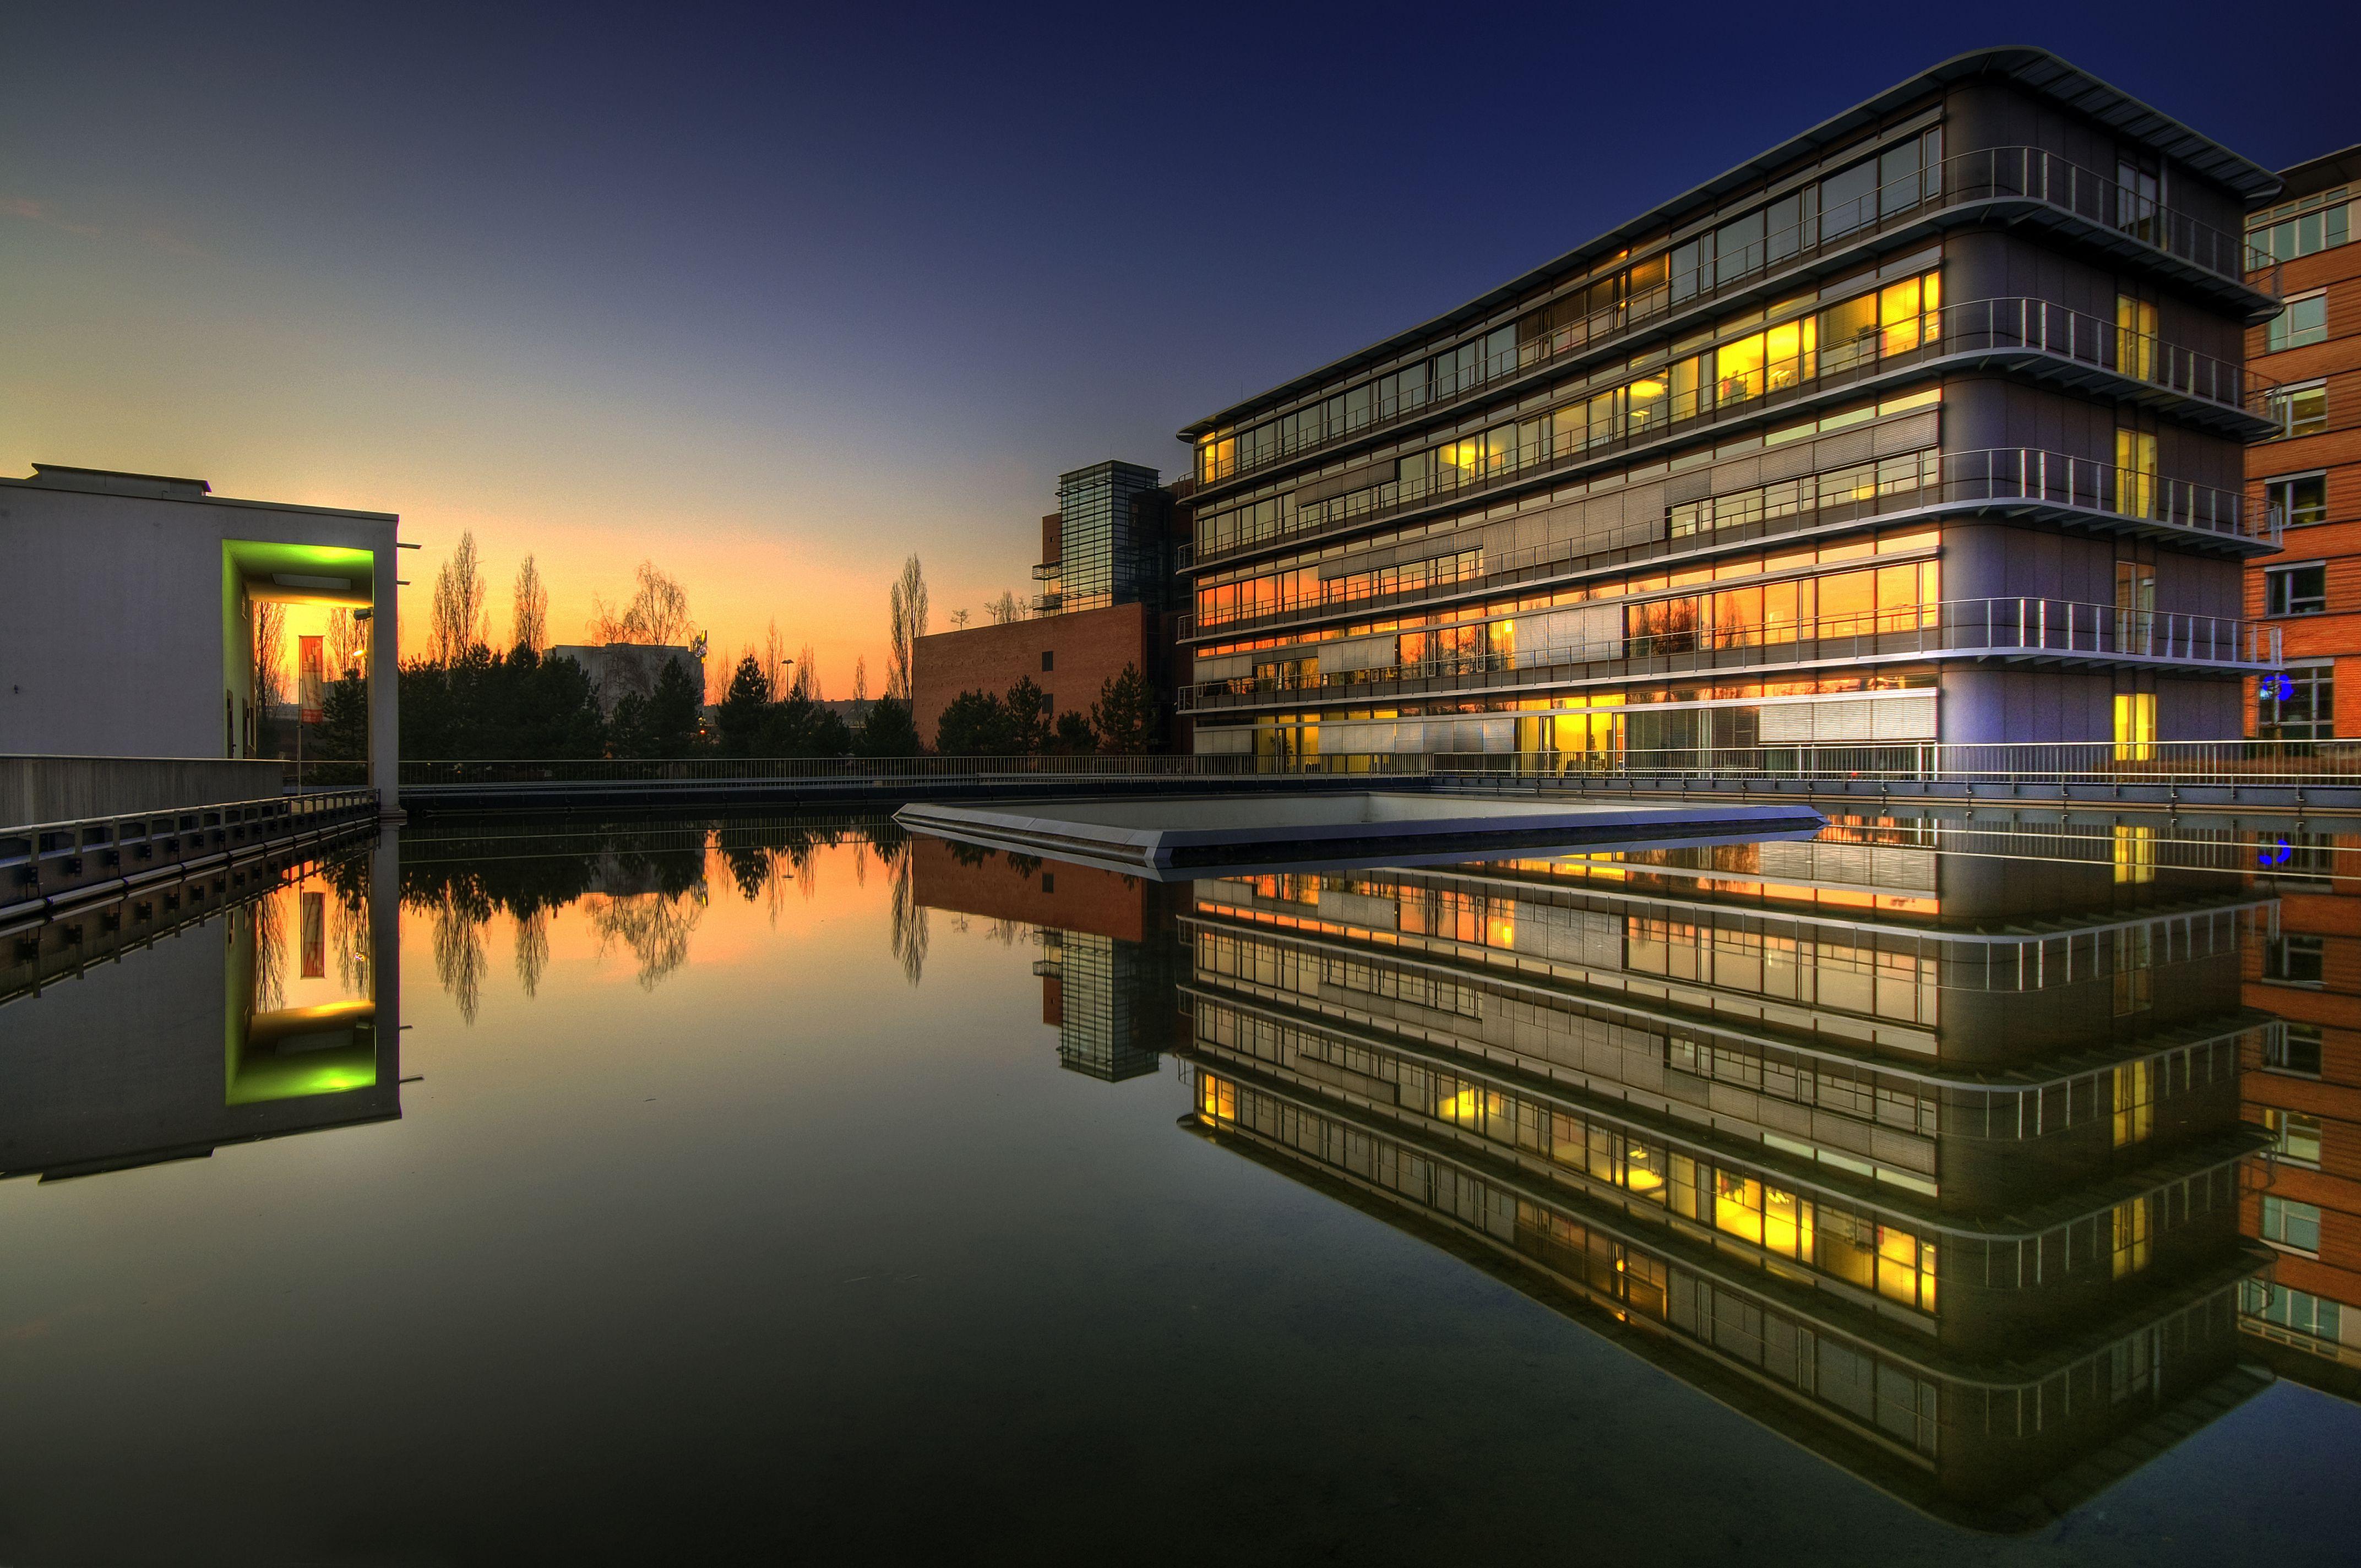 building-saarland-germany-291558-o.jpg 4,288×2,848 pixeles